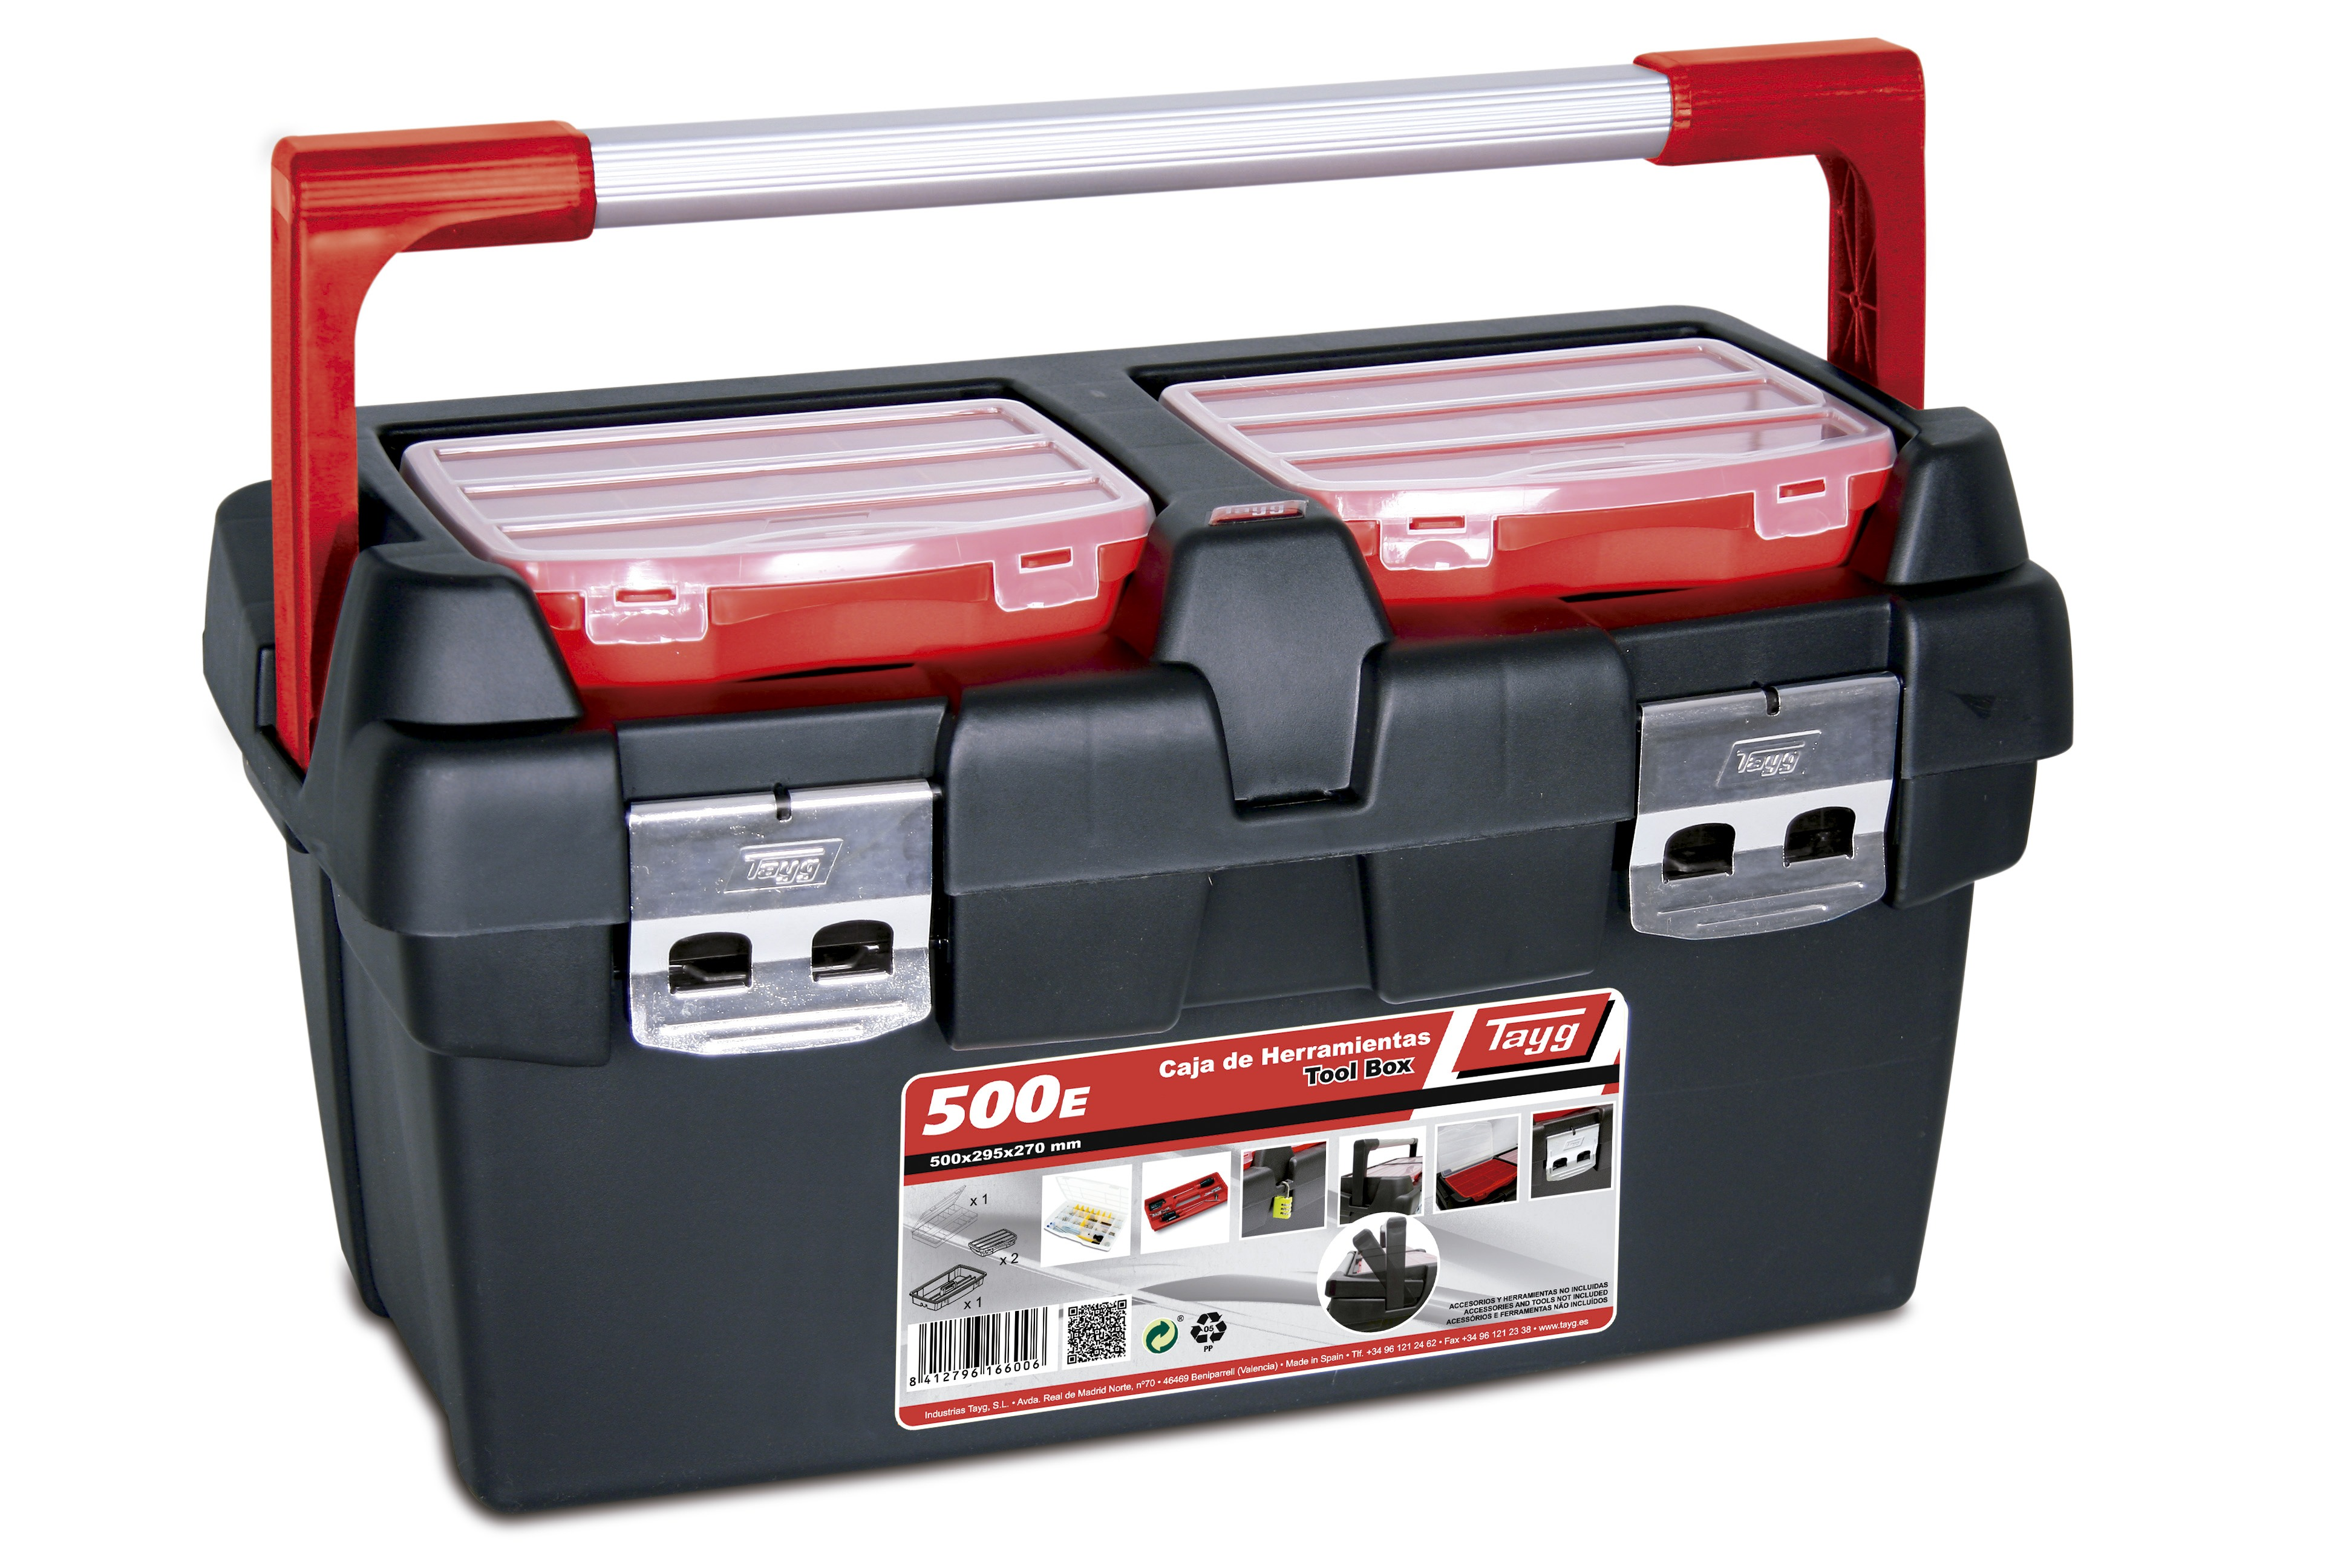 2 caja de herramientas de plastico y aluminio - Gama Profesional